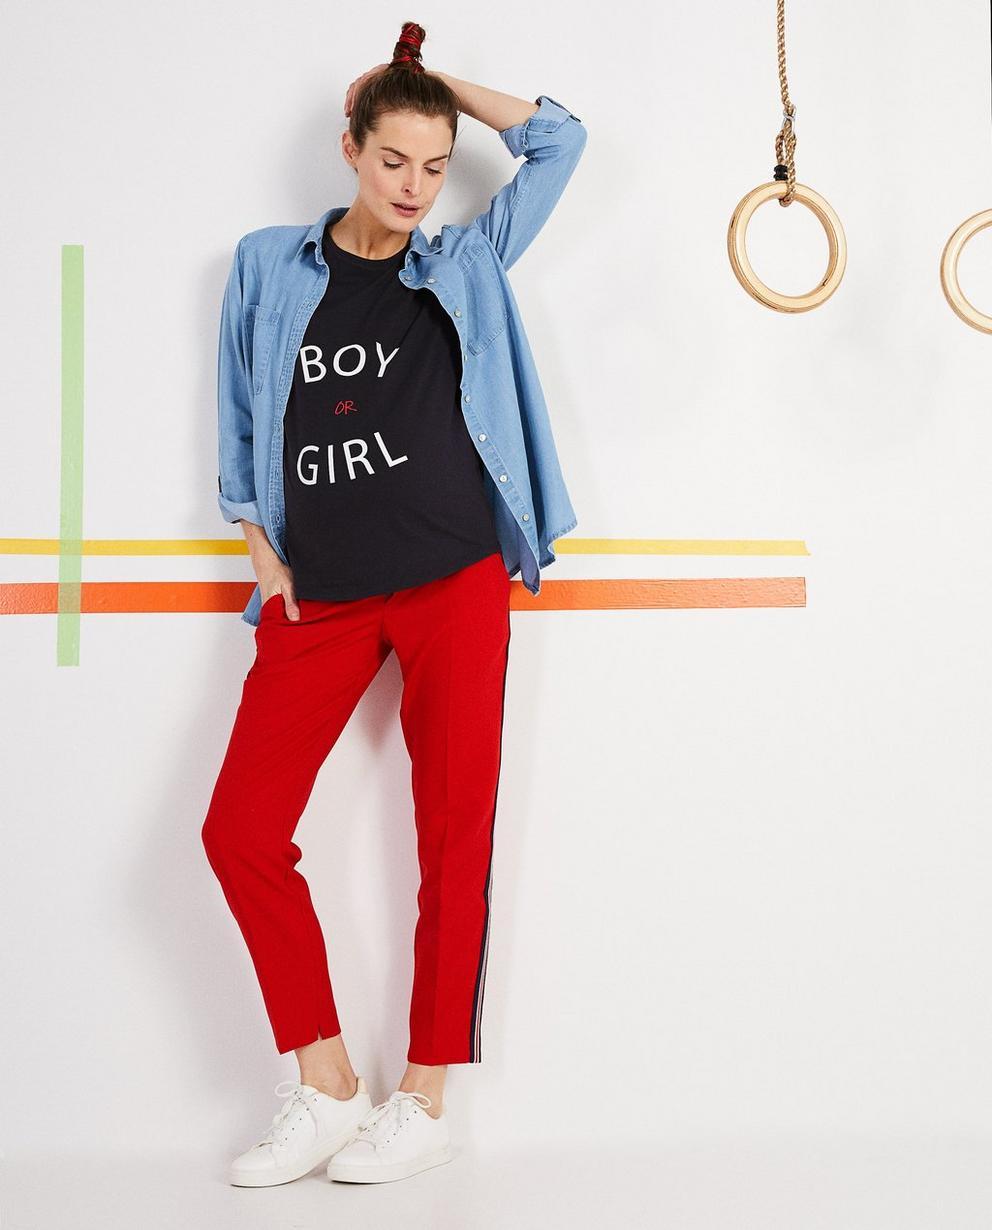 Jeanshemd aus Lyocell - mit verwaschenem Look - Joli Ronde